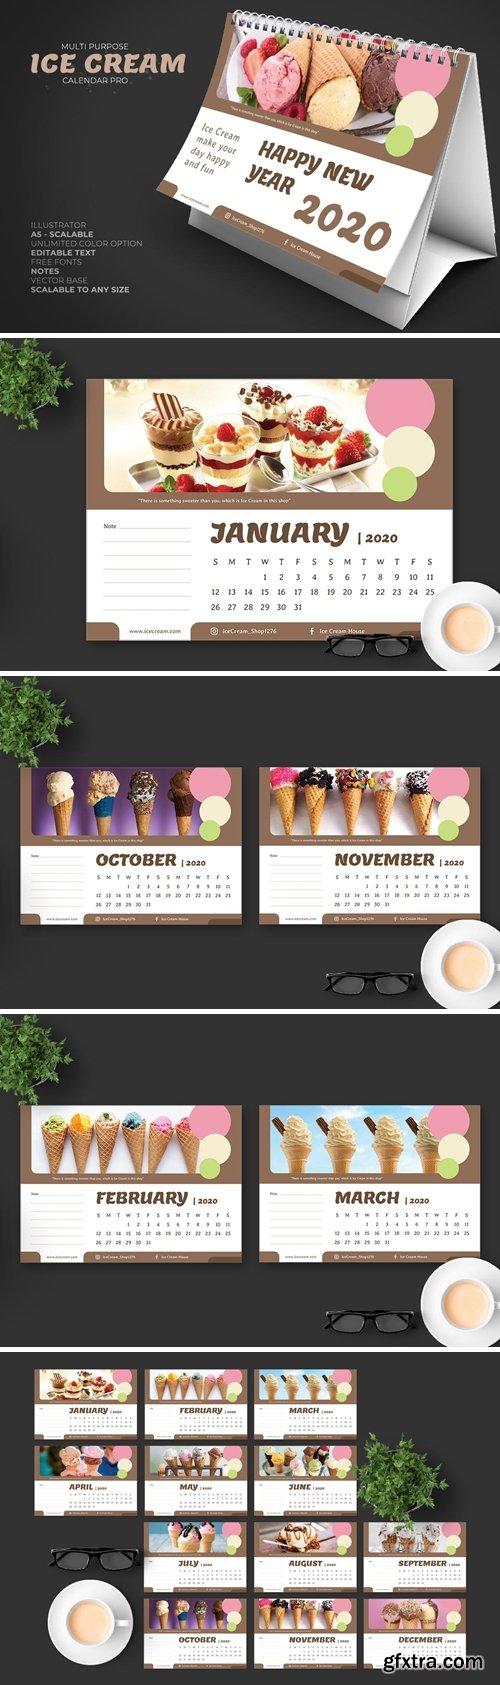 2020 Ice Cream/Food Store Calendar Desk Pro